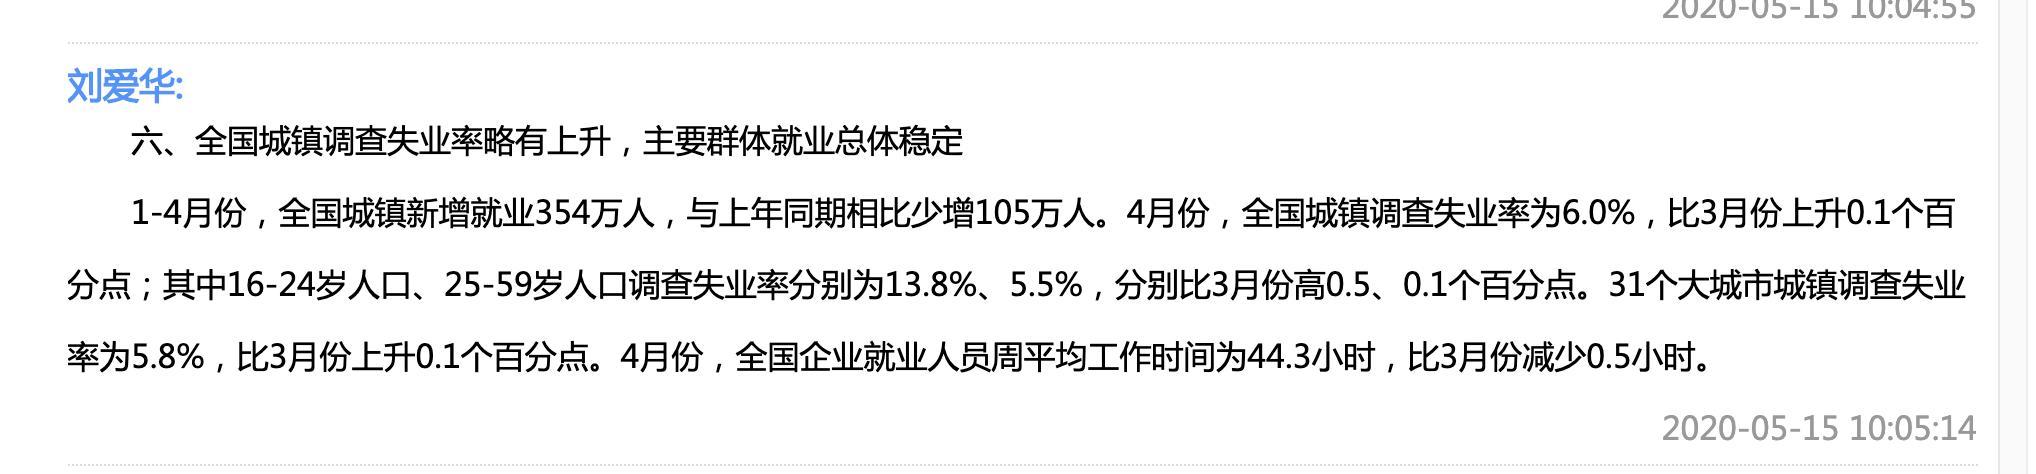 北京商报:国家统计局:1-4月份全国城镇新增就业354万人,与上年同期相比少增105万人